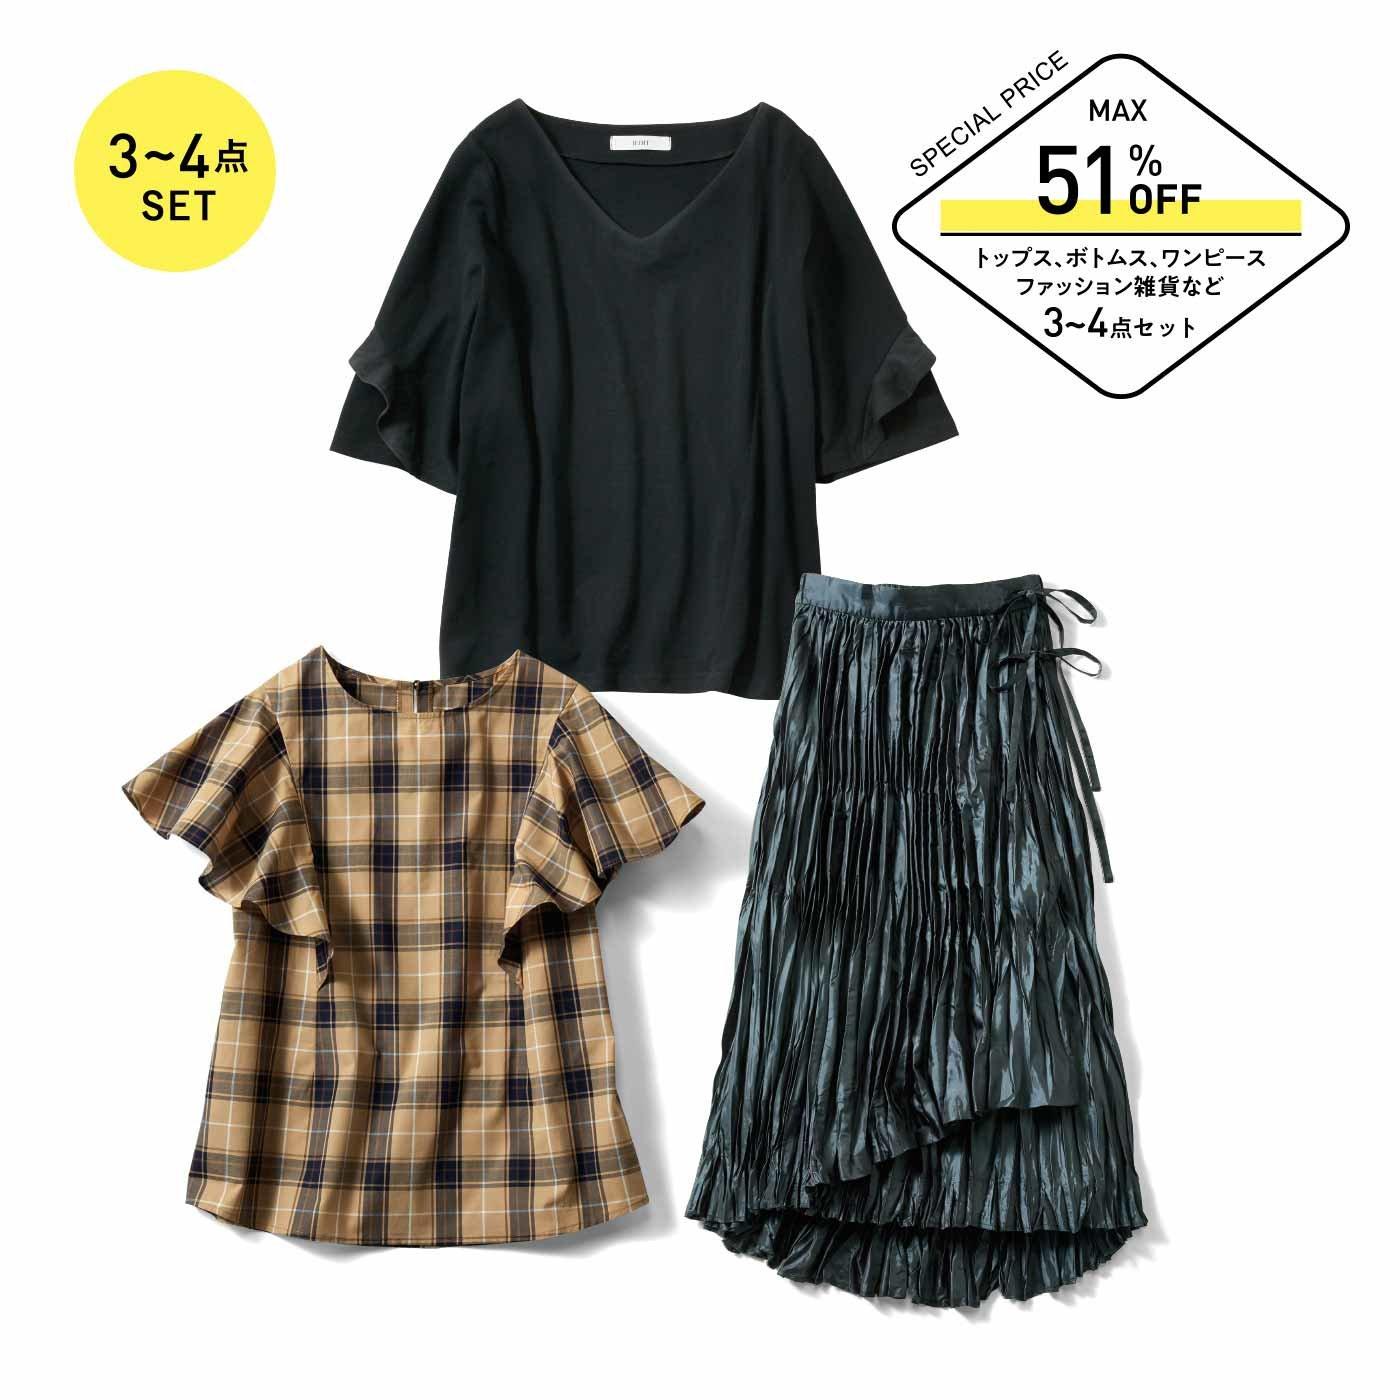 IEDIT[イディット] 夏の洗練ファッション福袋